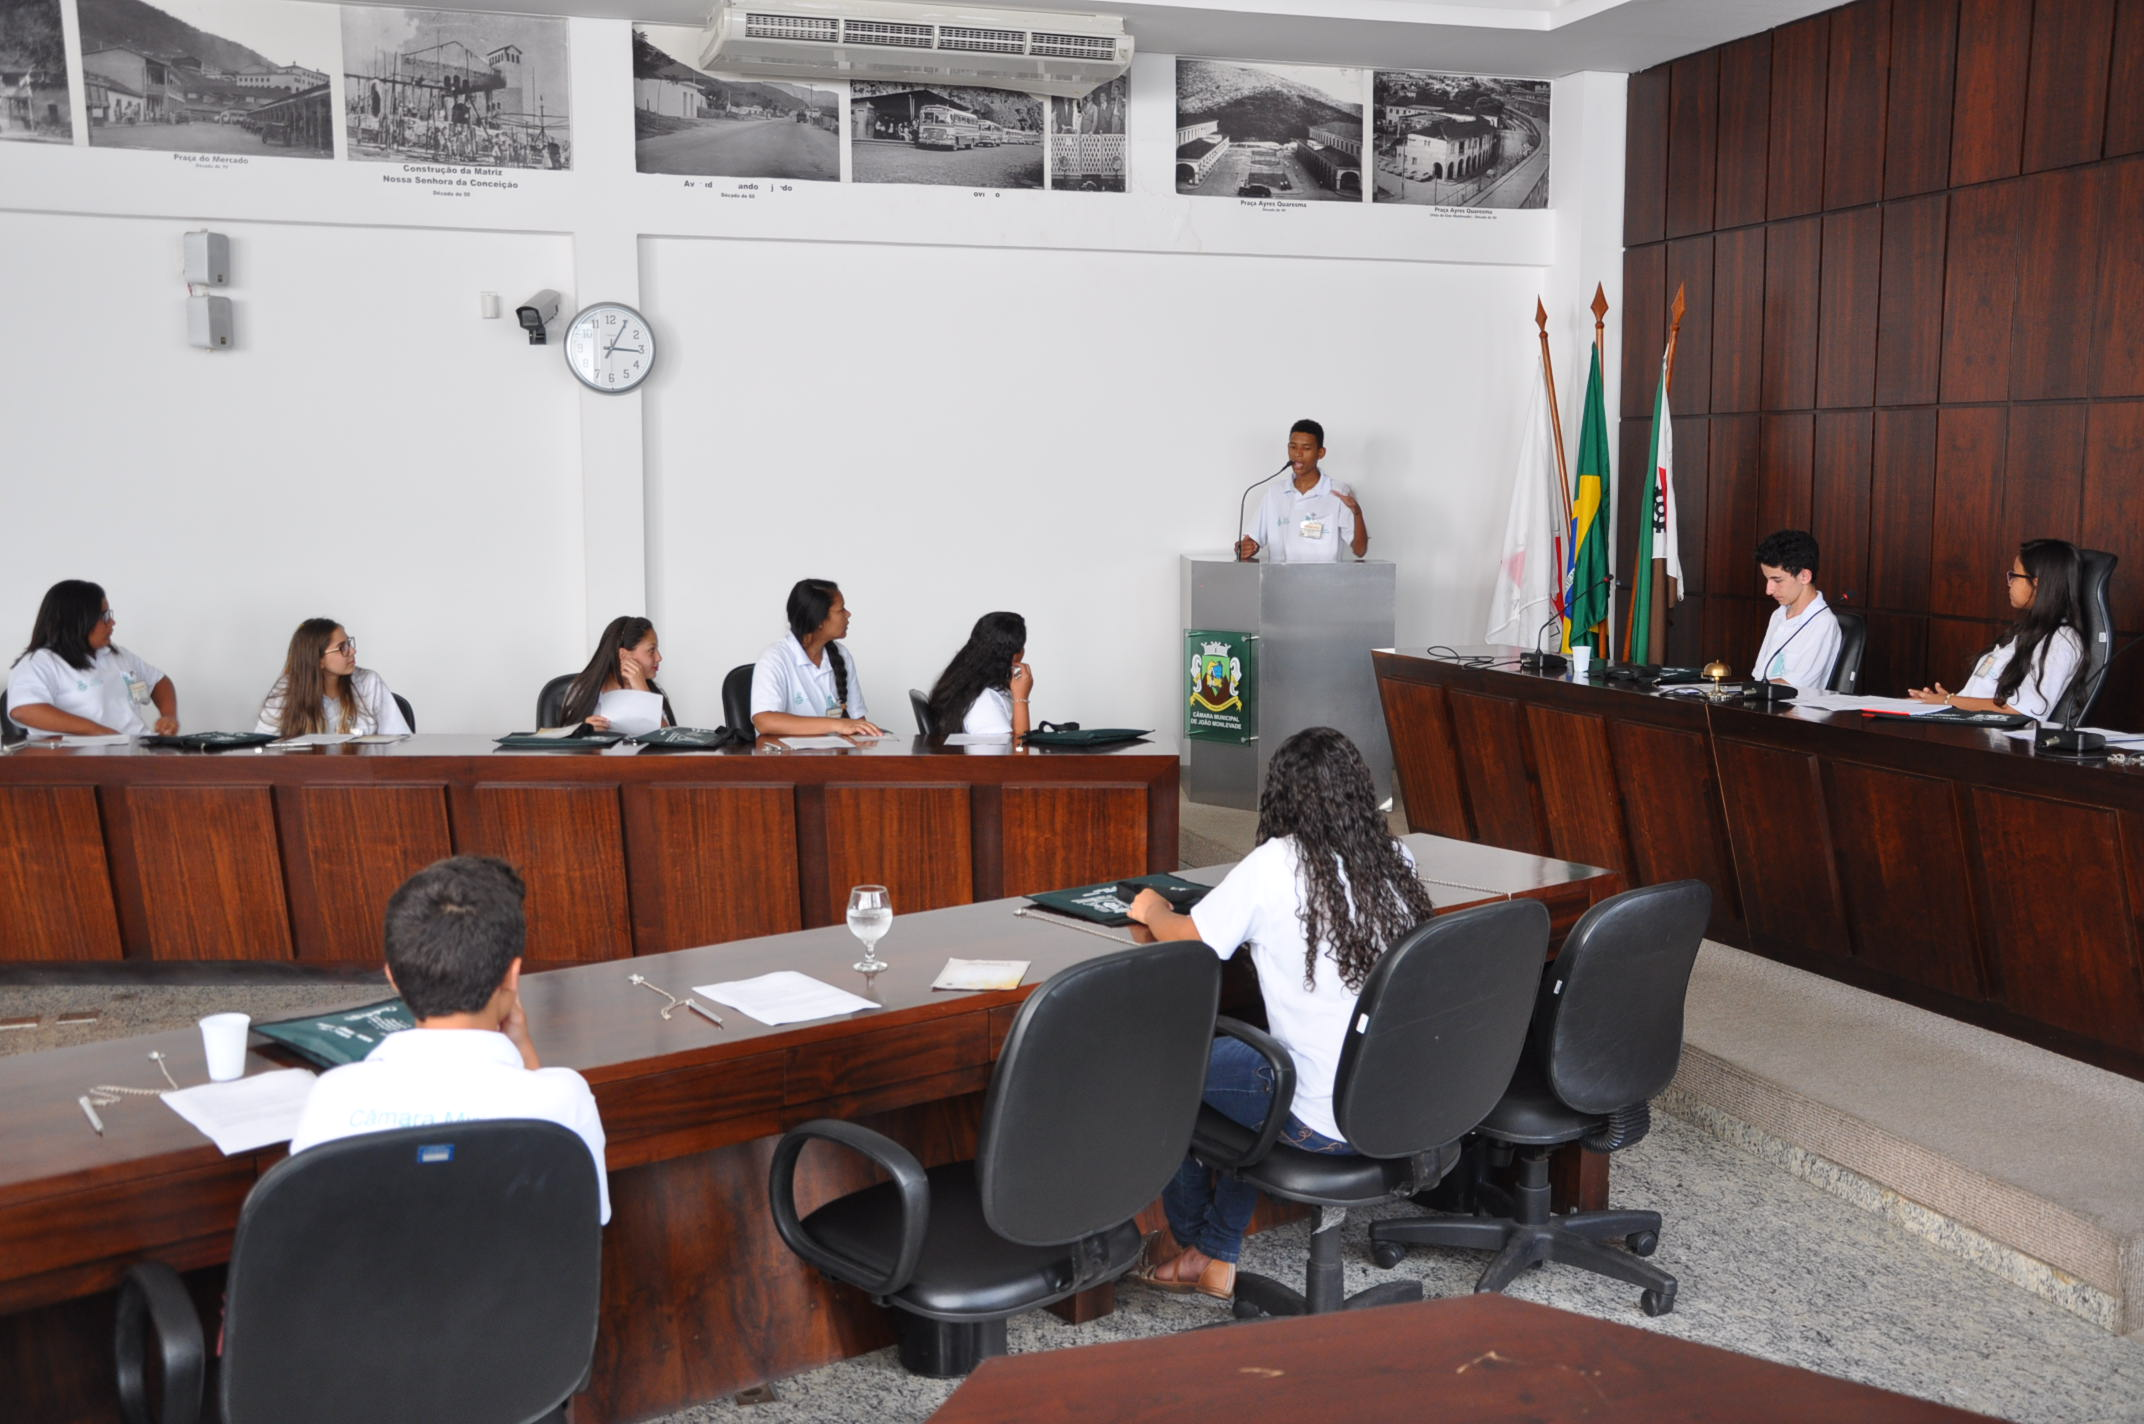 Câmara de João Monlevade conclui projetos Parlamento Jovem, câmaras Mirim e da Melhor Idade com entrega de certificados